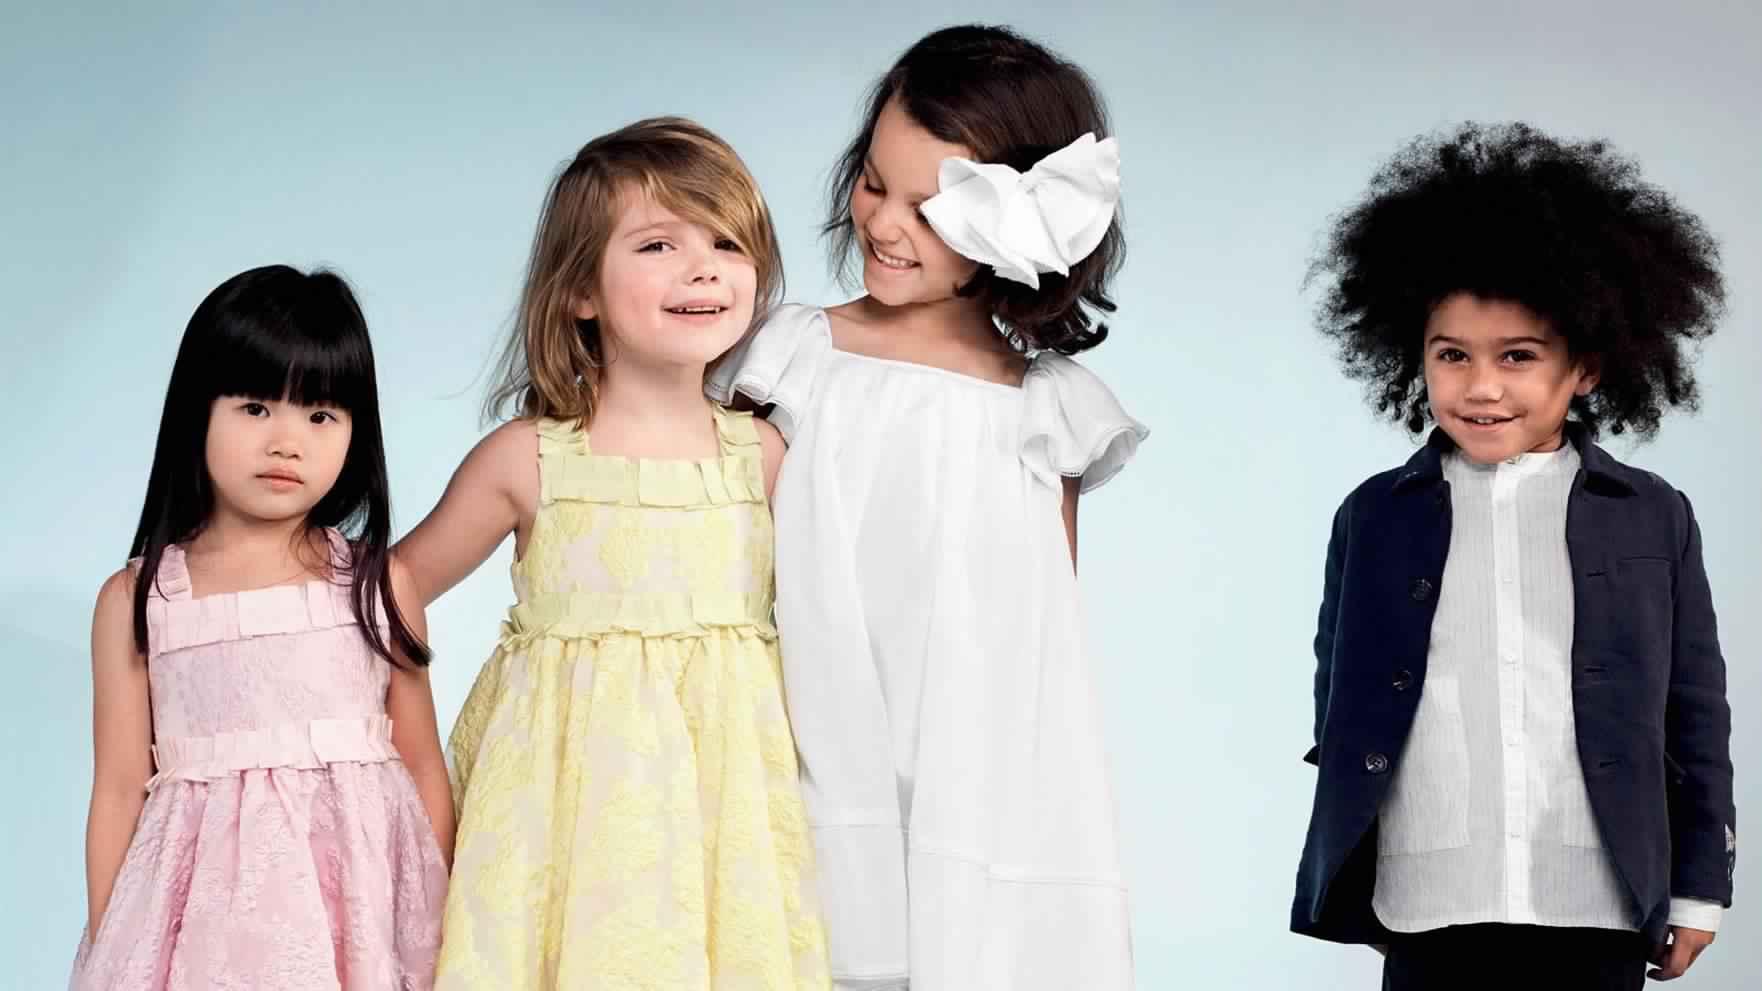 صور مميزة لأجدد موديلات ملابس العيد للاطفال روعة